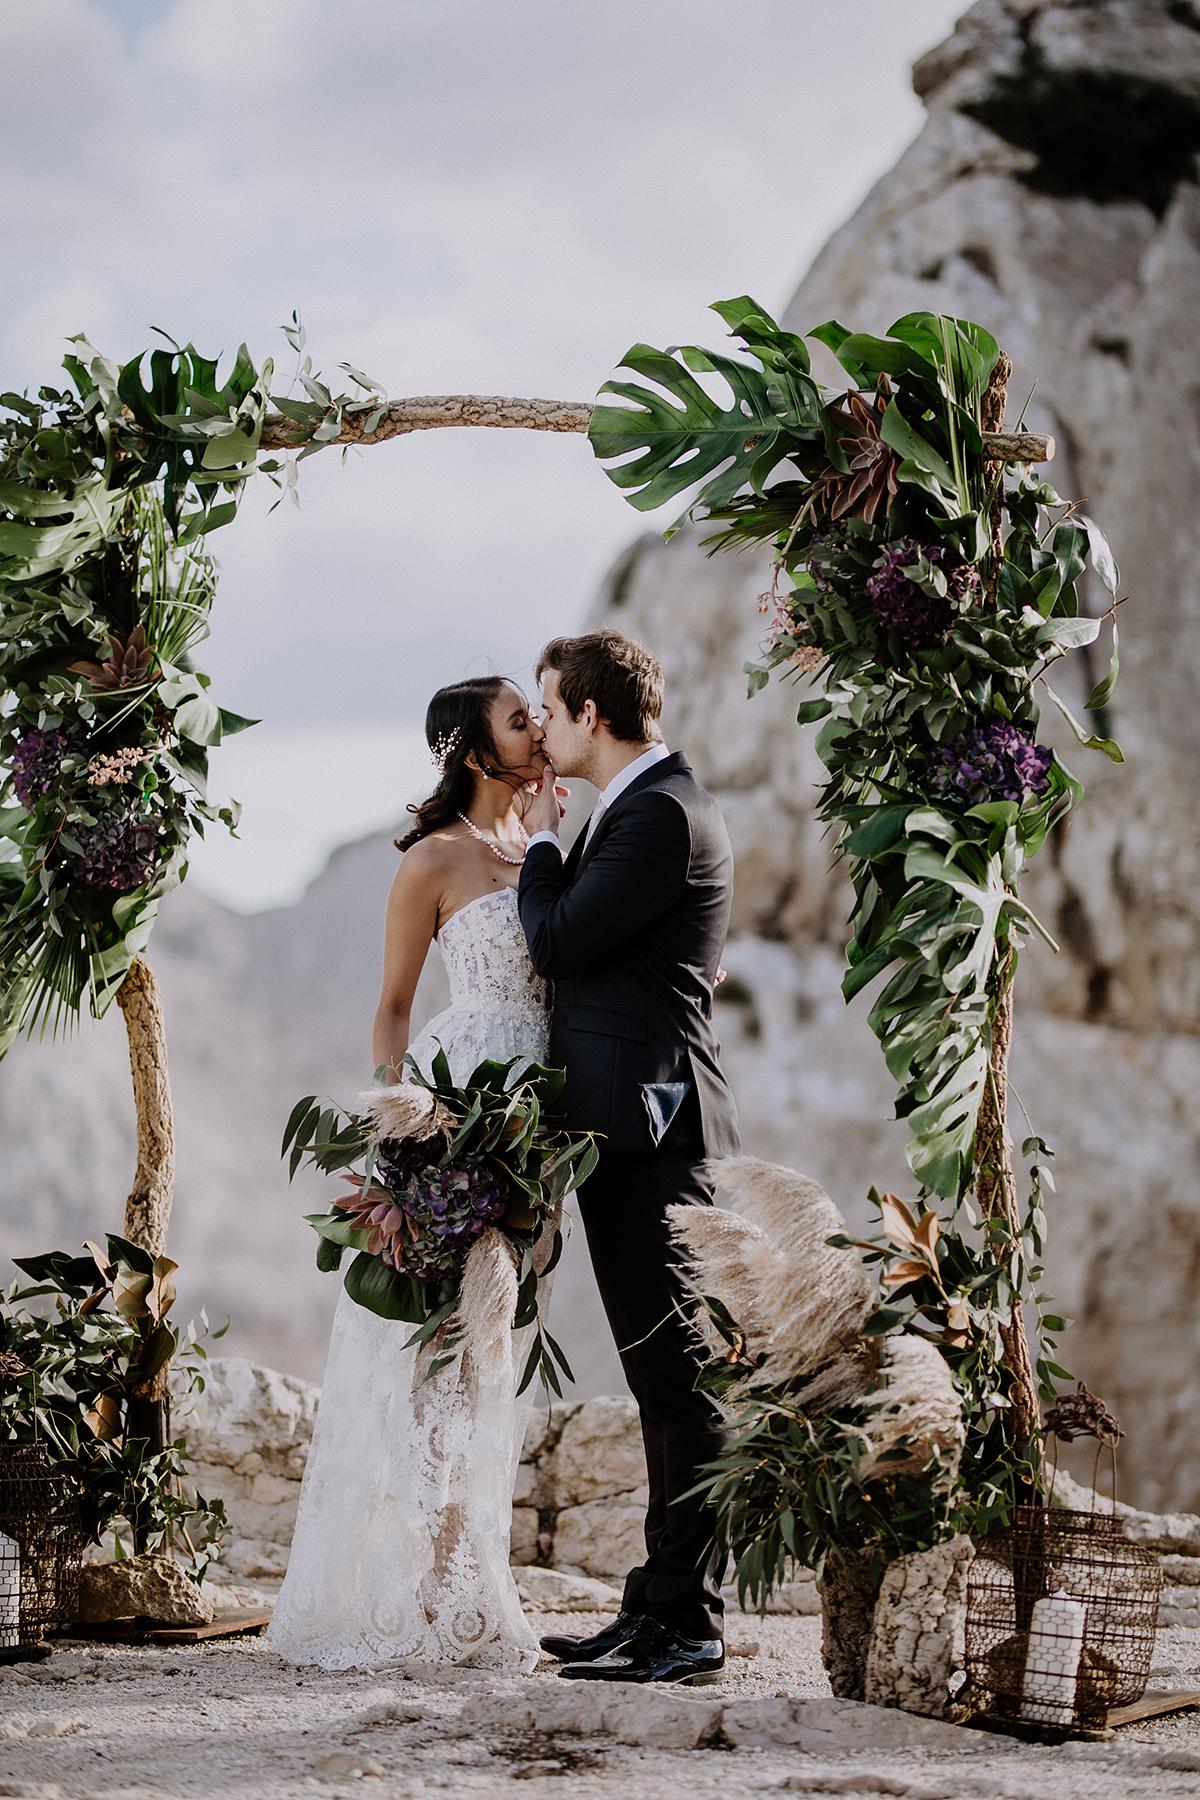 Brautpaarfoto unter Boho Blumenbogen bei Elopement Shooting - Mallorca Hochzeitsfotograf © www.hochzeitslicht.de